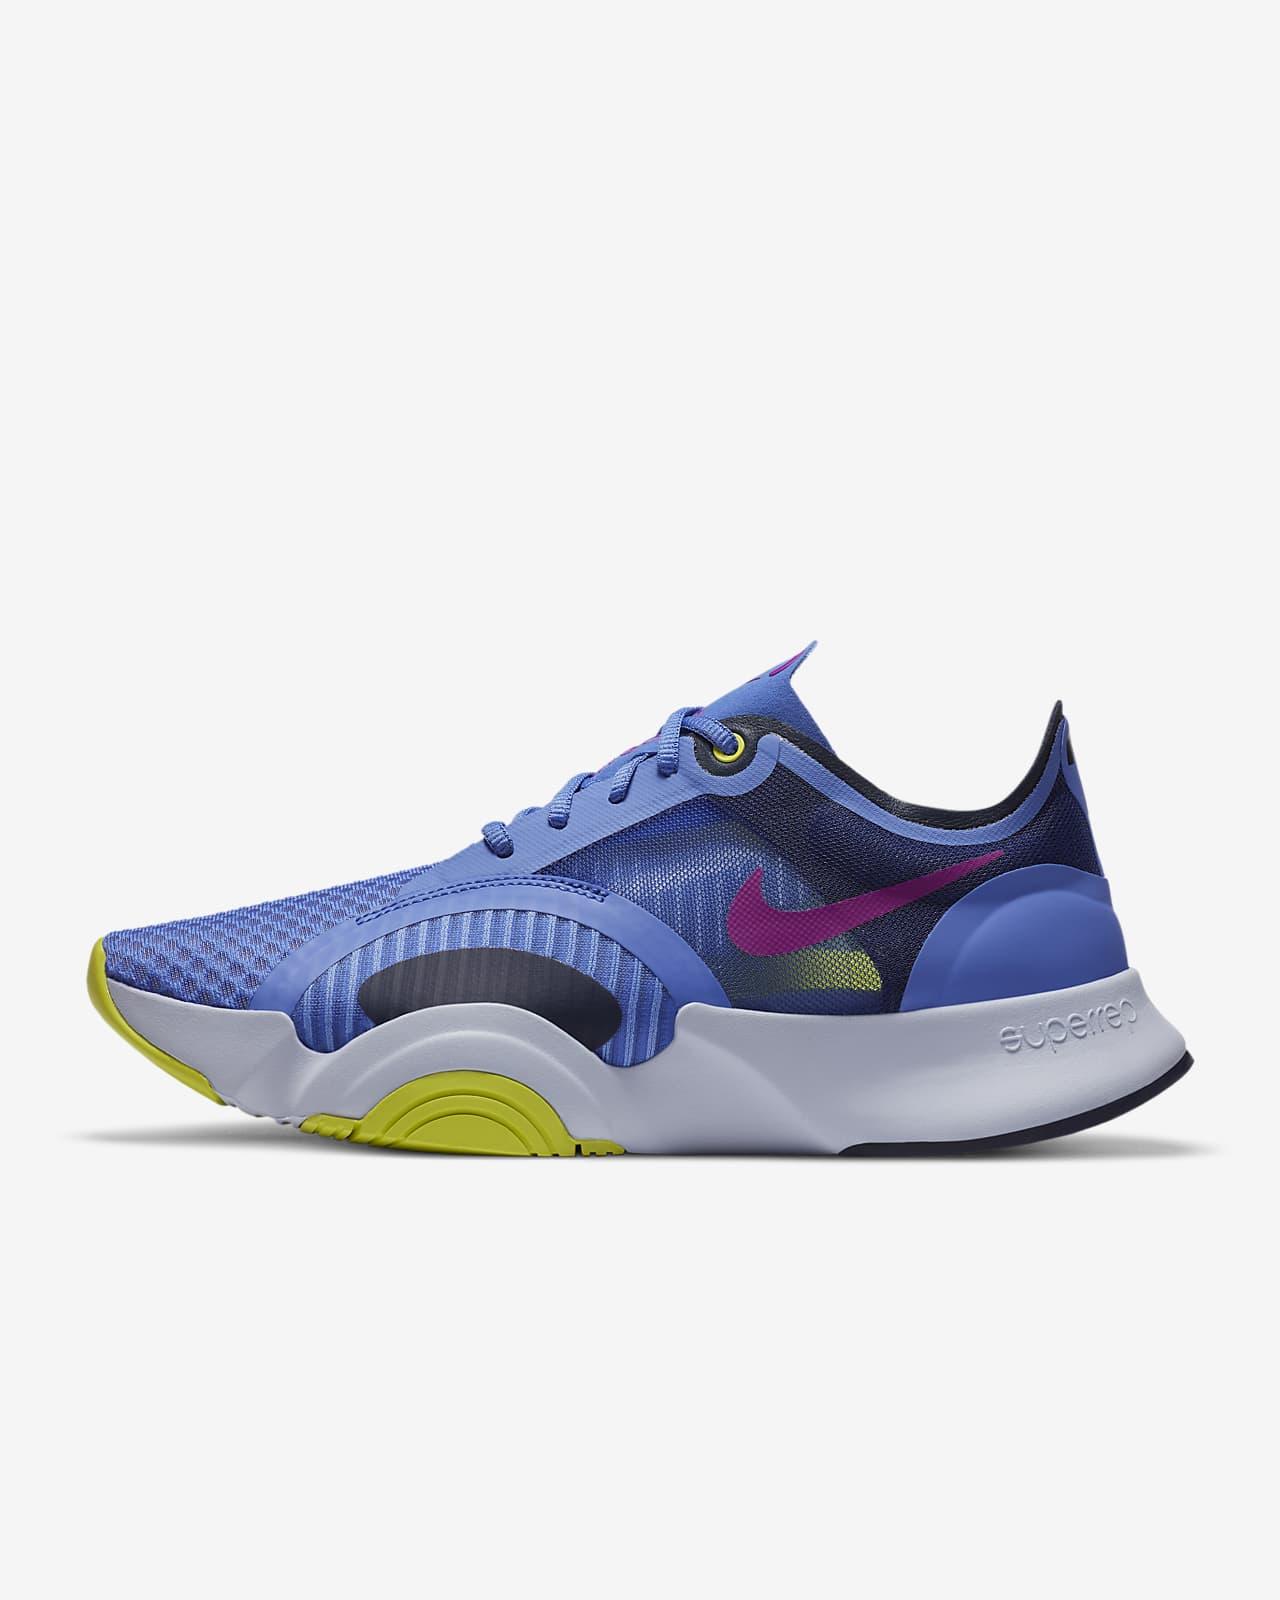 รองเท้าเทรนนิ่งผู้หญิง Nike SuperRep Go